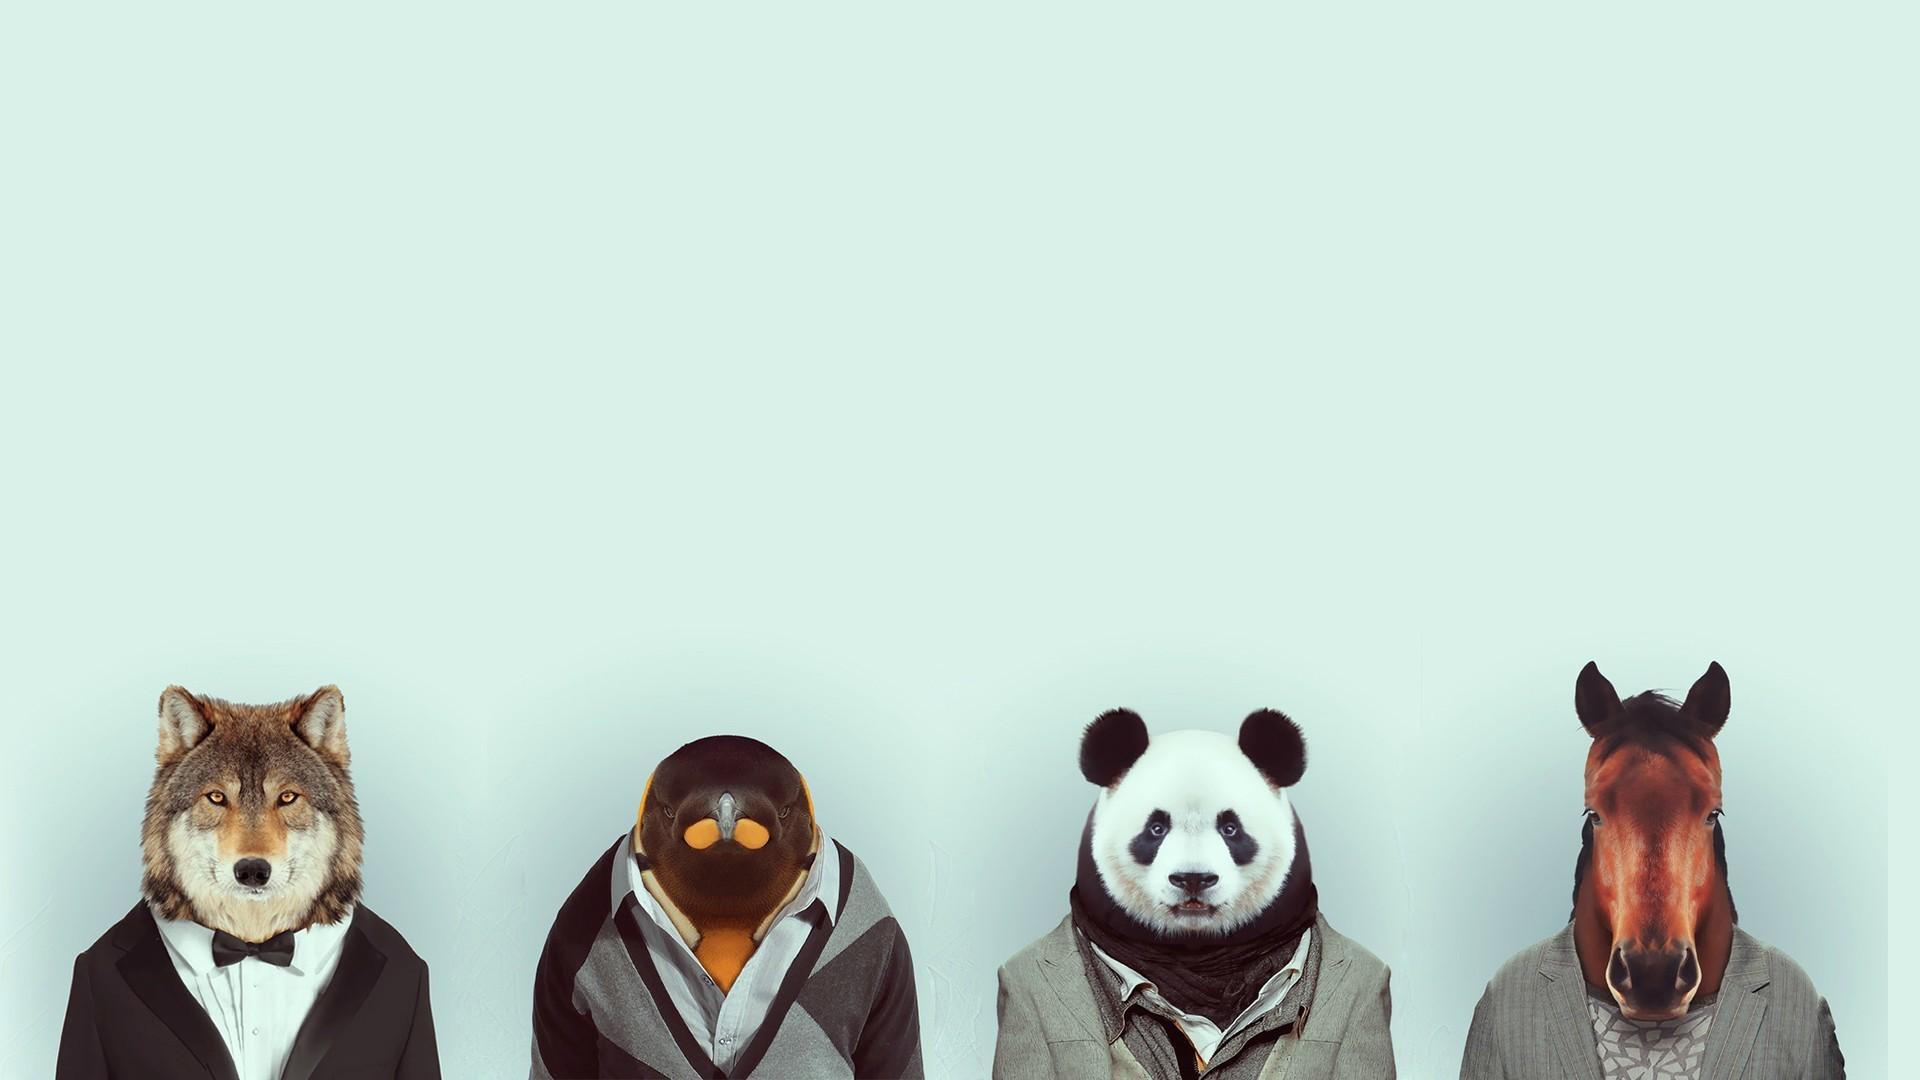 Cute Penguin Mac Wallpaper Indie Wallpaper Hd 71 Images